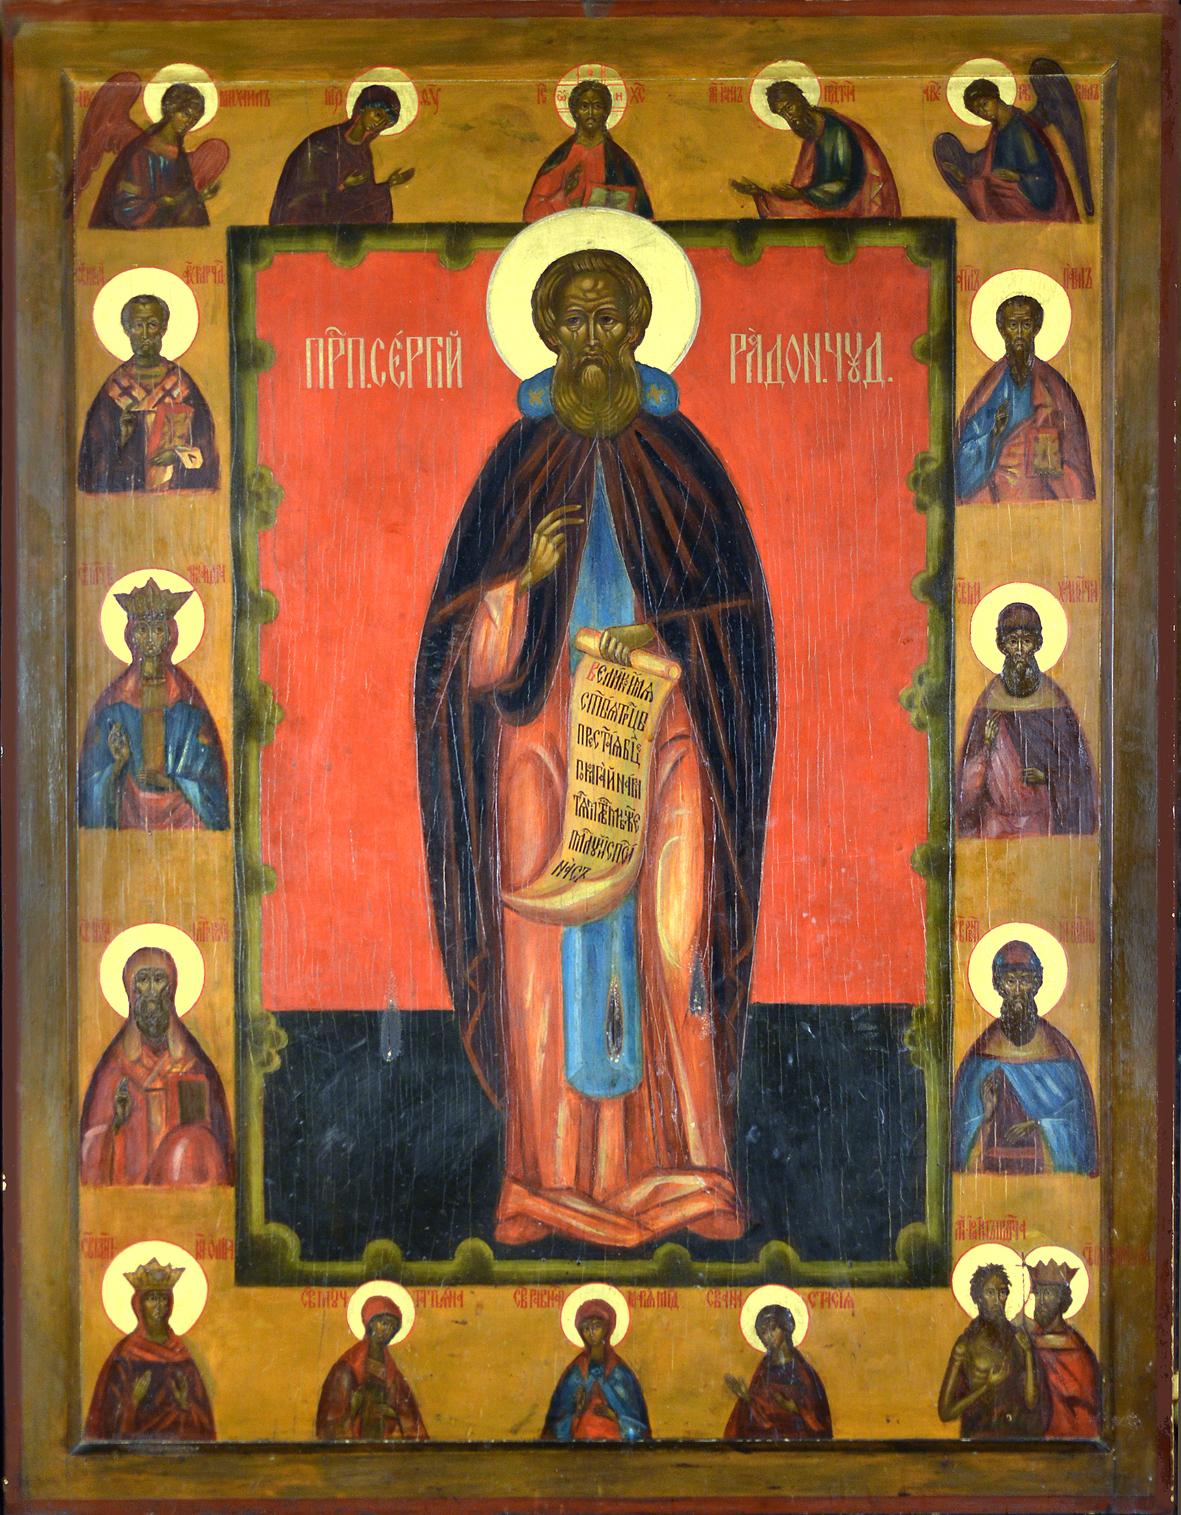 Dimanche 18 juillet 2021— Découverte des reliques de saint Serge de Radonège